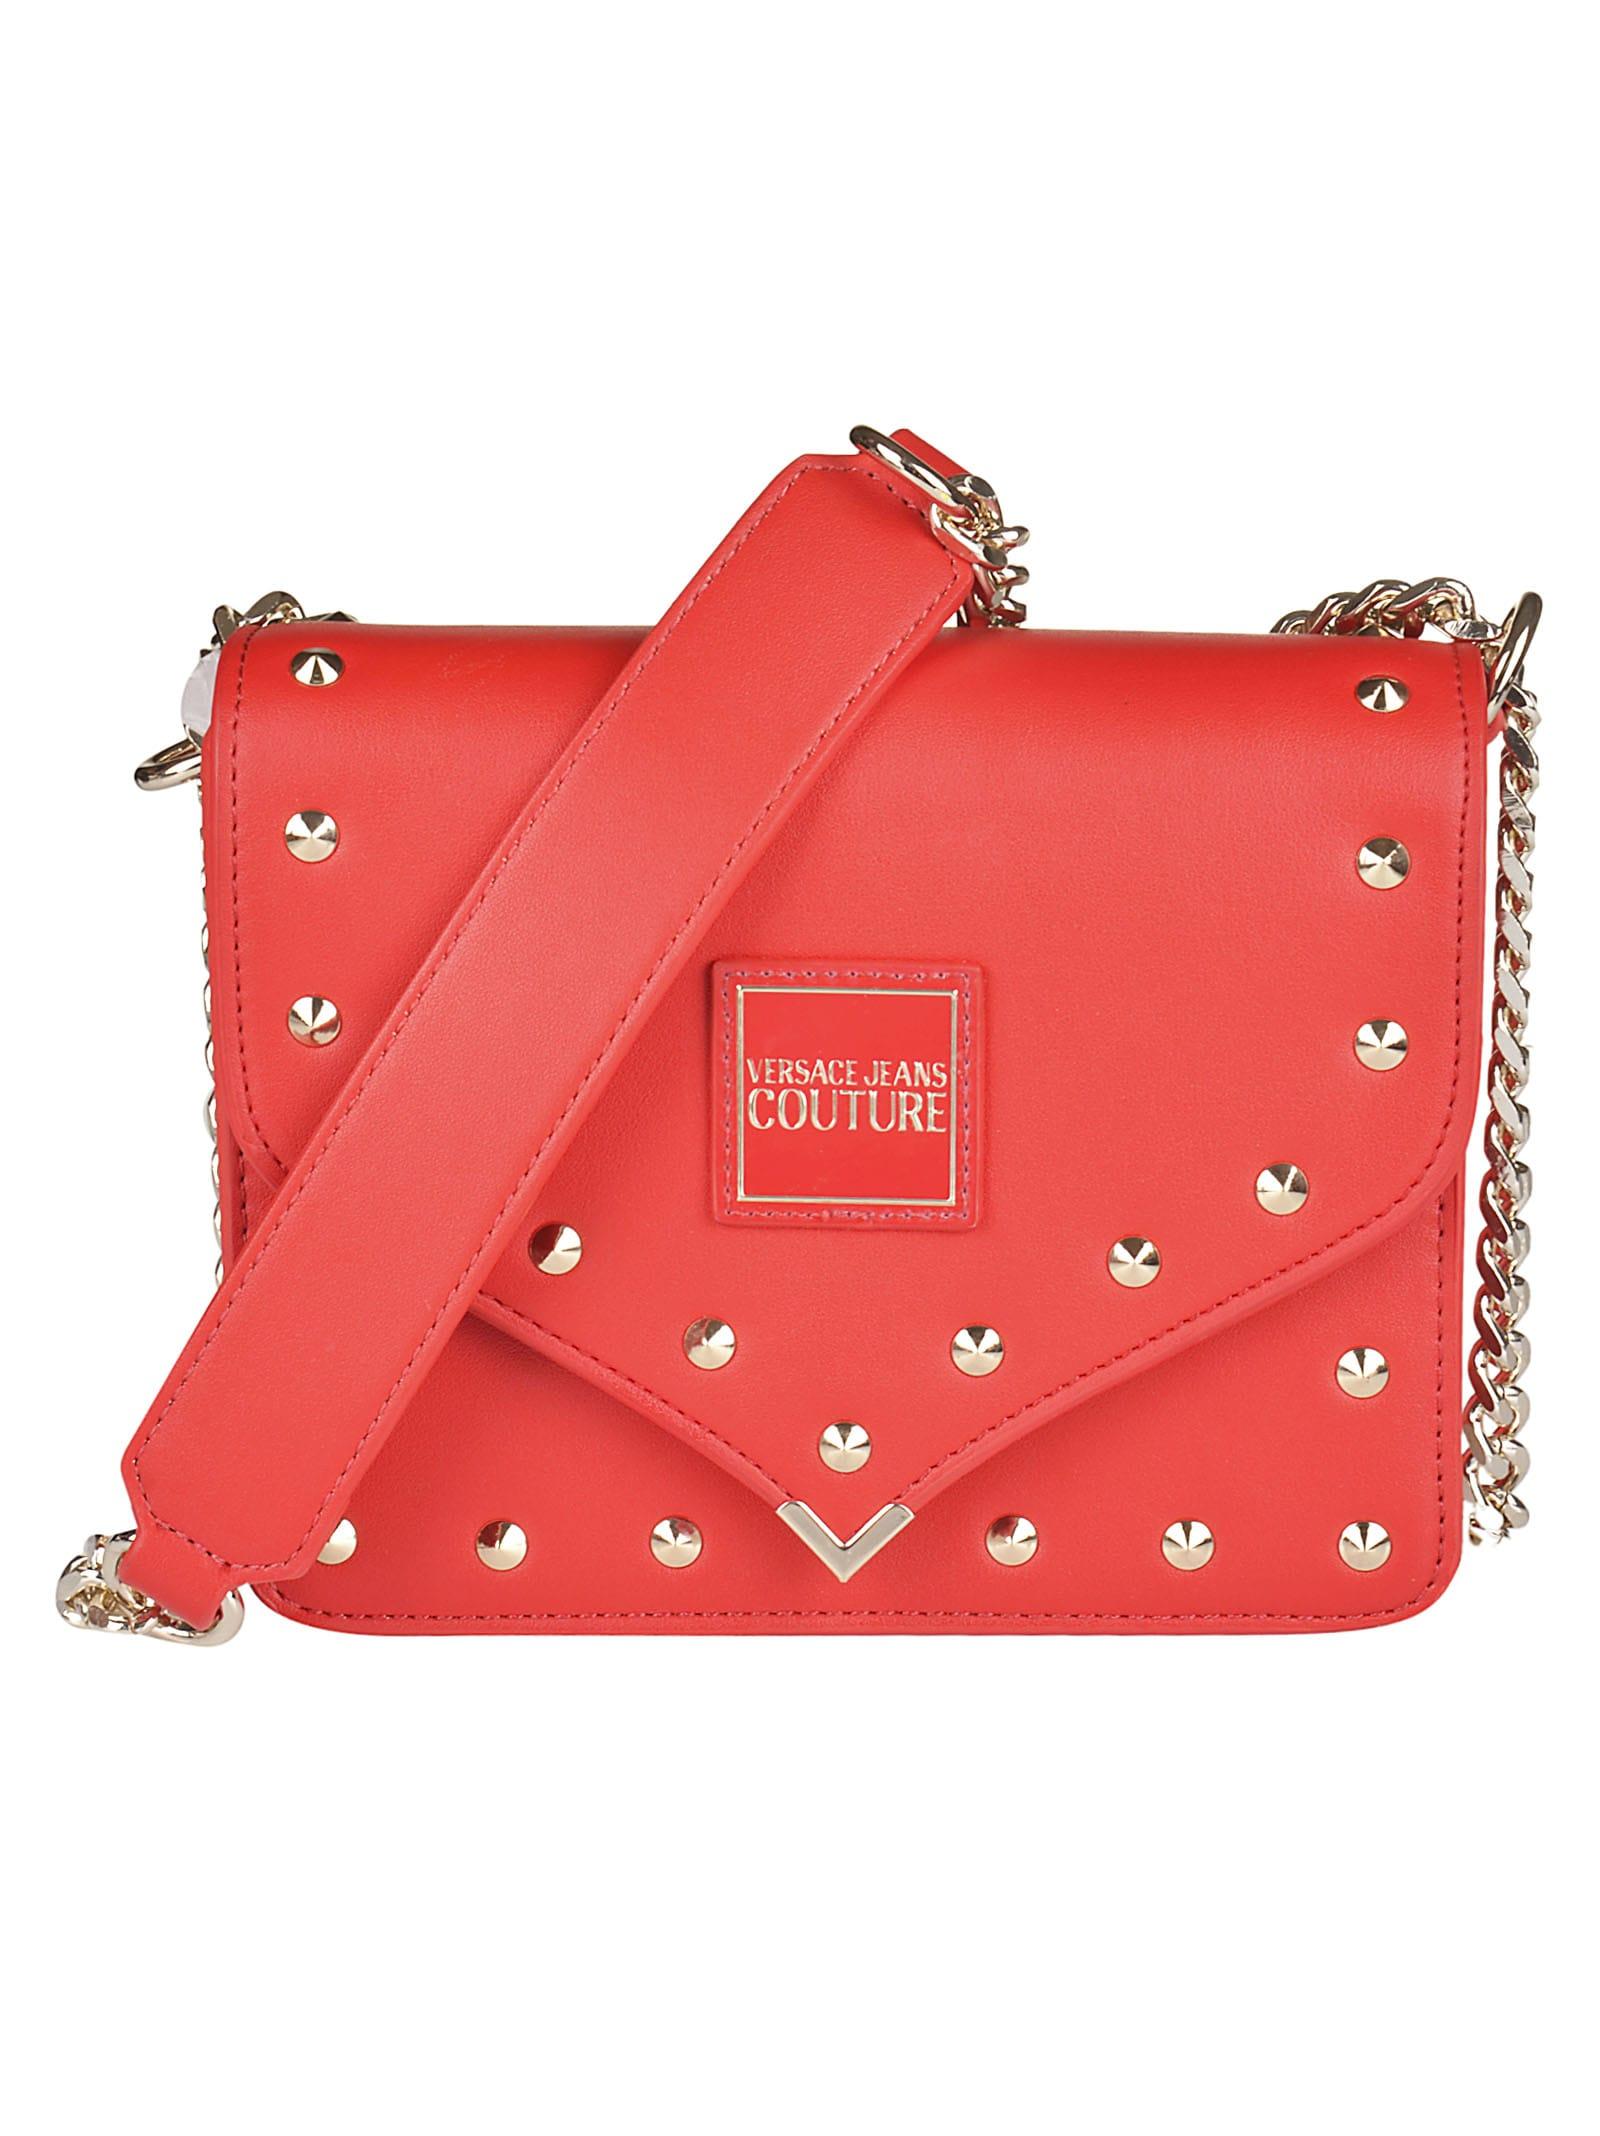 Versace Jeans Couture Versace Jeans Couture Studded Shoulder Bag Rosso 11185285 Italist